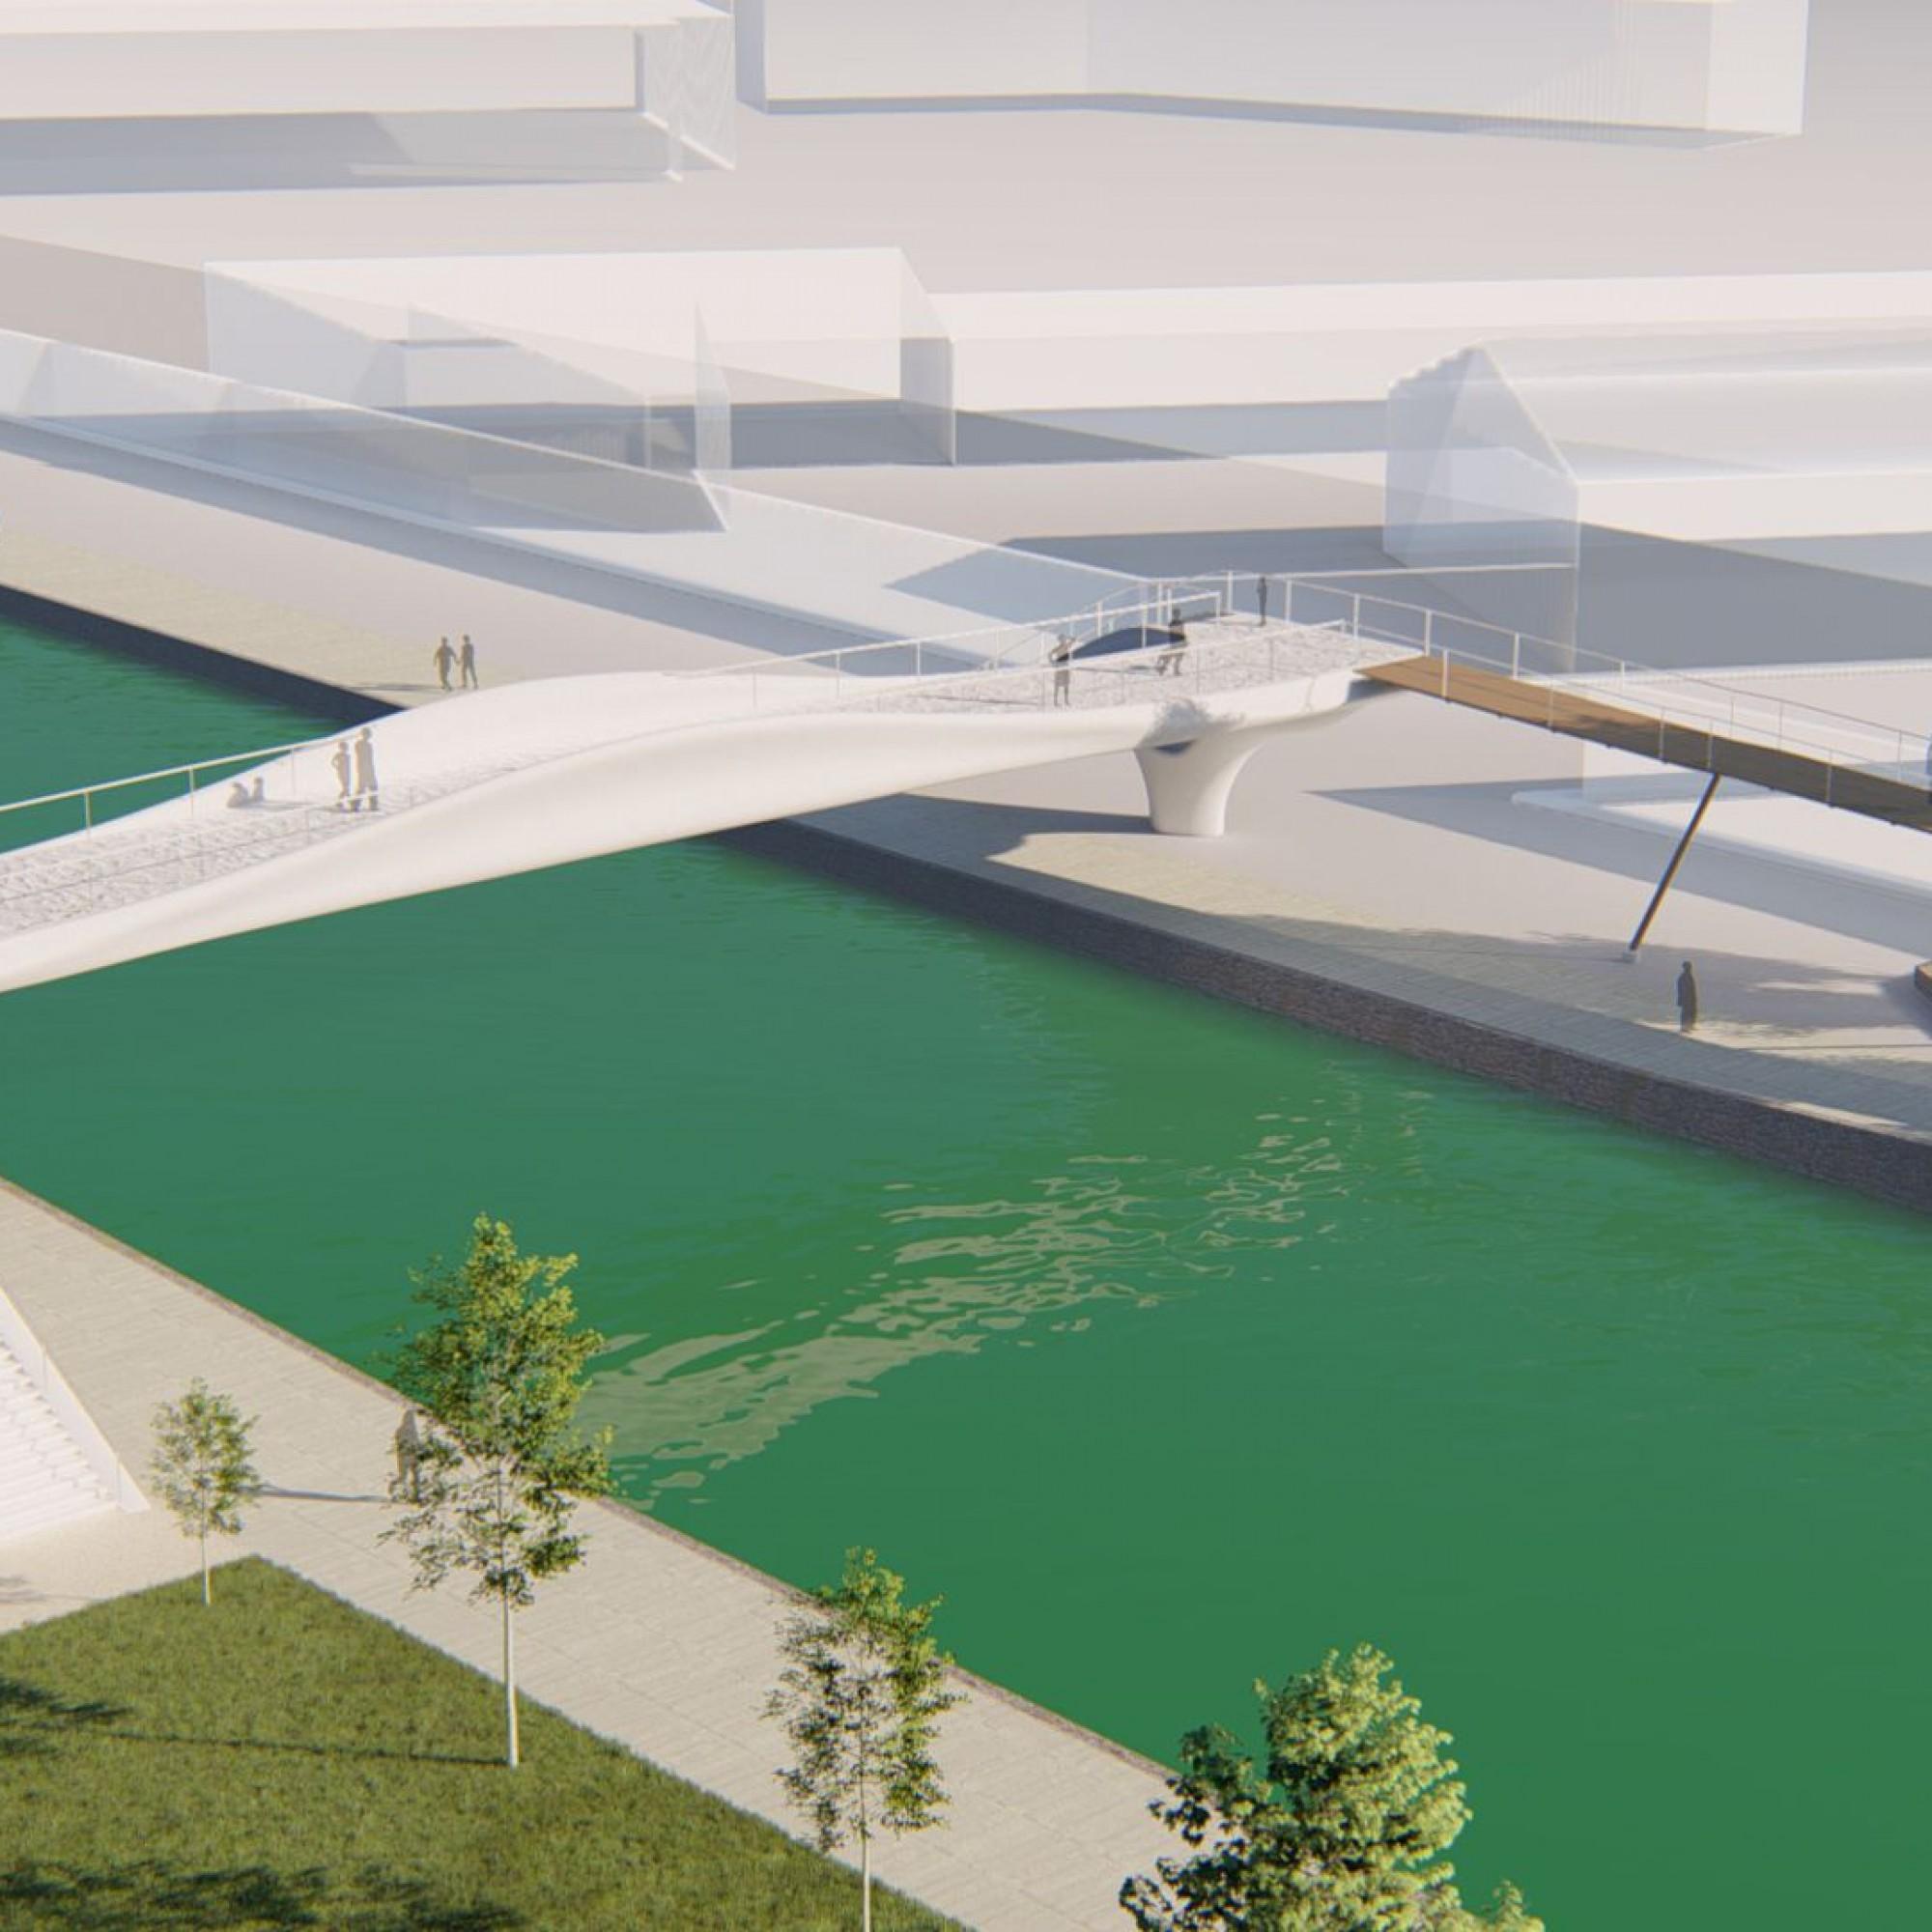 Paris construit le premier pont imprimé 3D béton du monde sur le canal Saint-Denis à Aubervilliers.